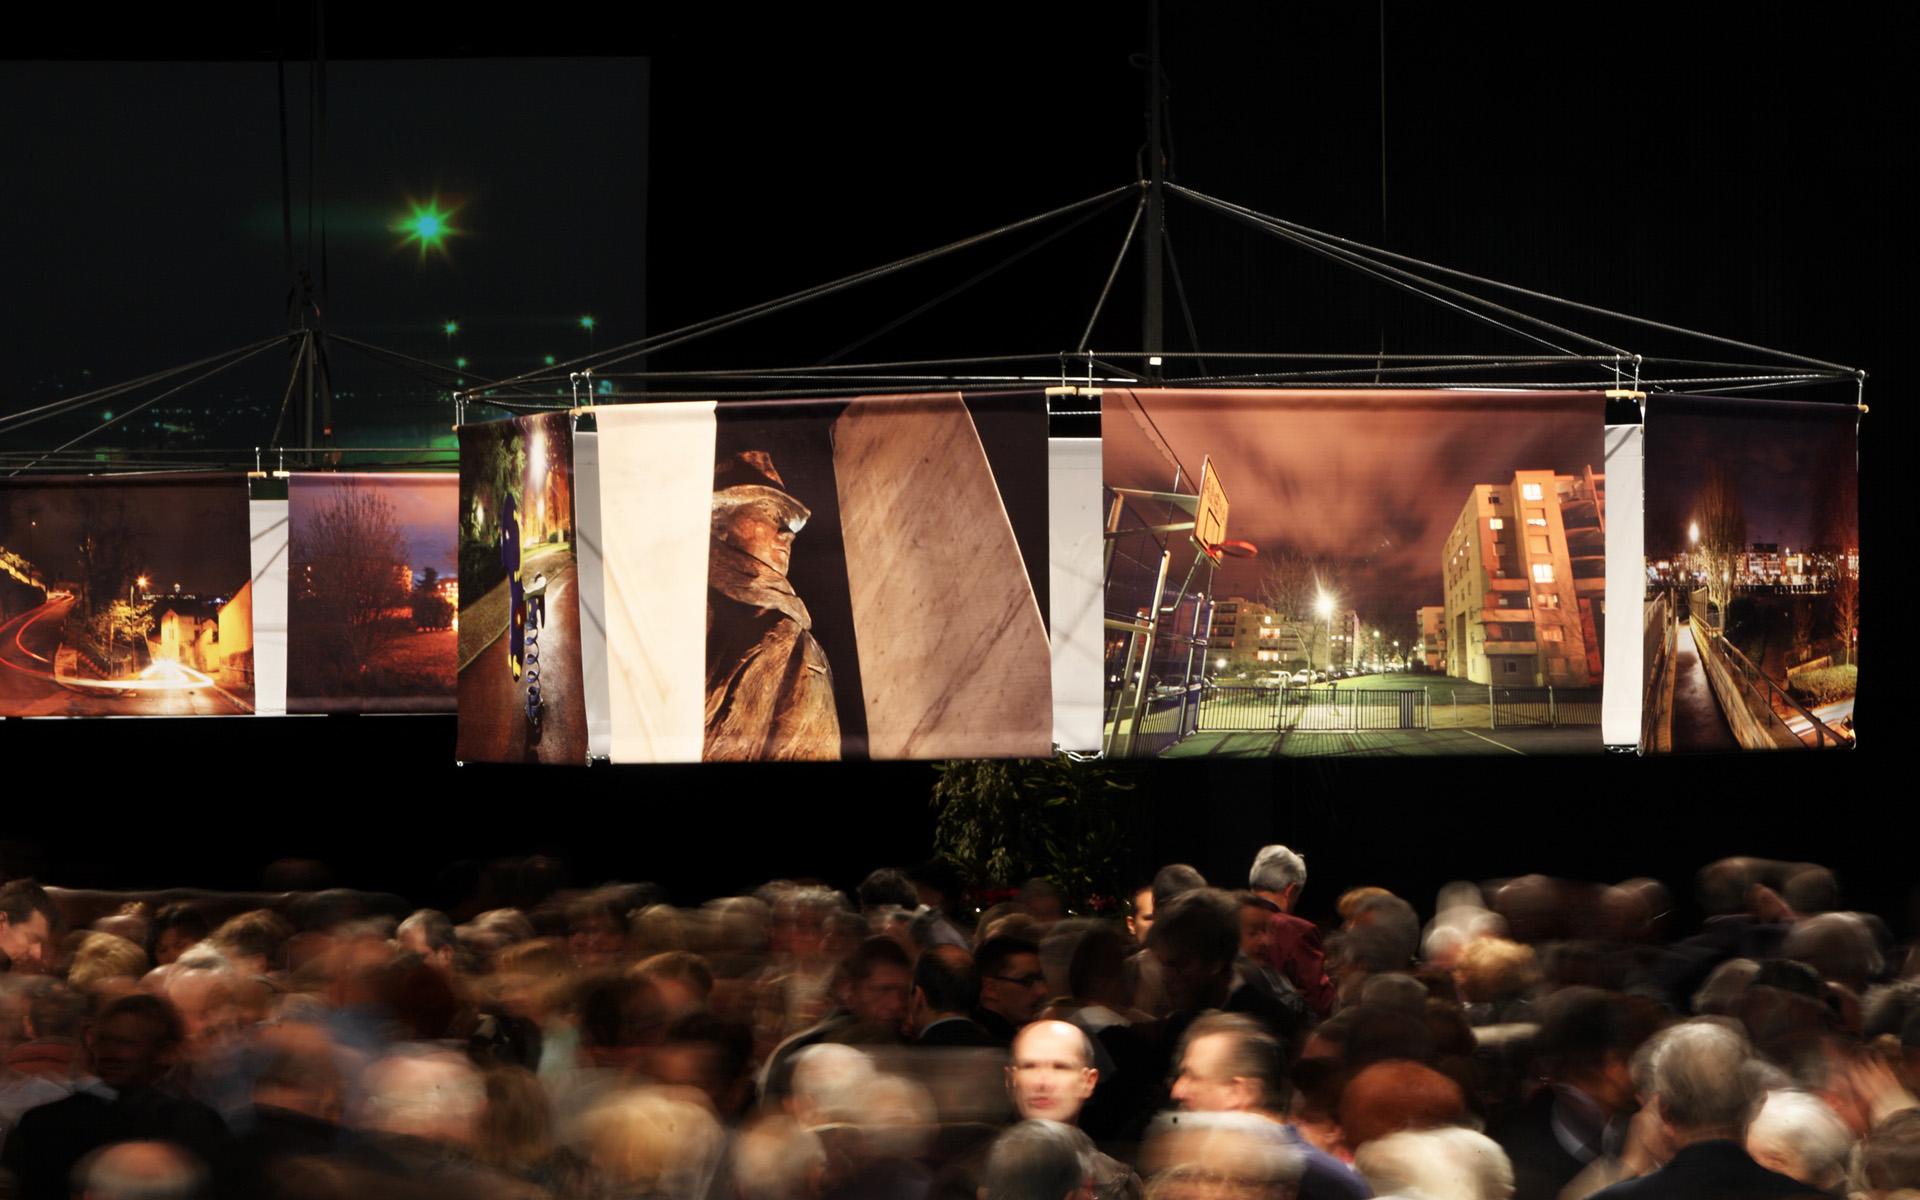 DARBORD - Exposition Radiant Bellevue